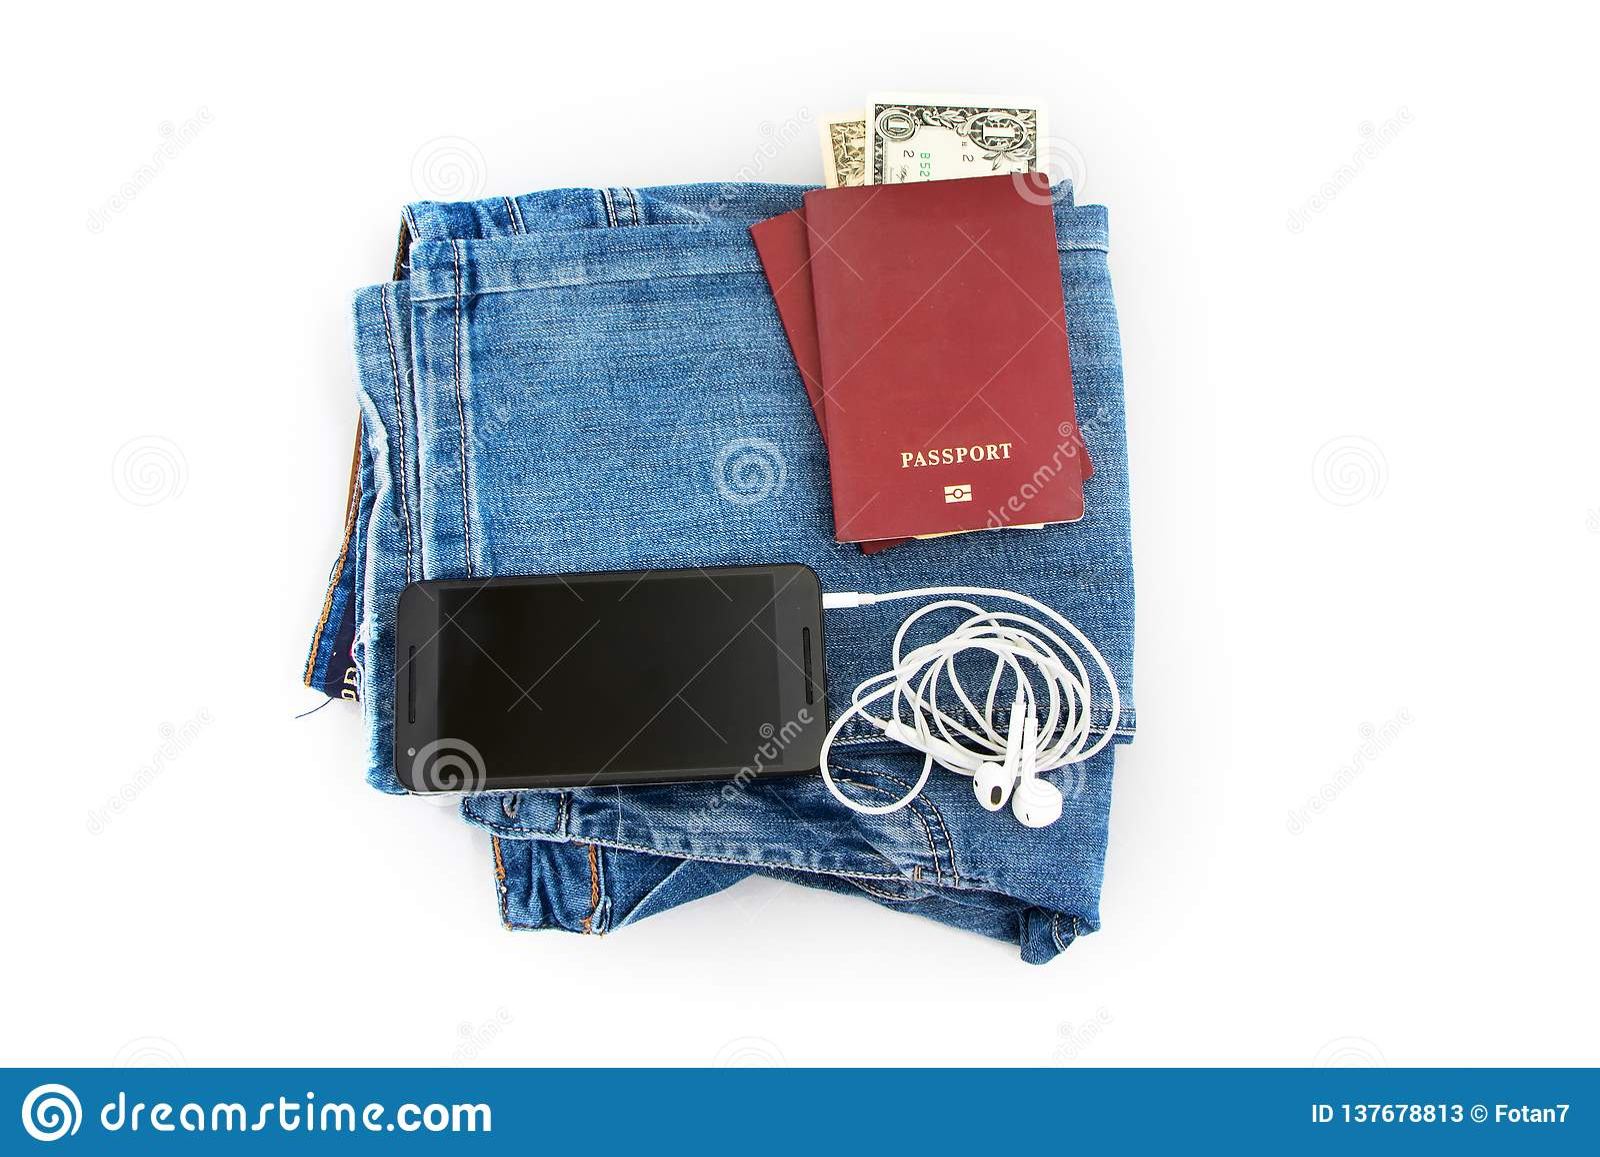 La preparazione per il viaggio, passaporto, soldi, telefono con le cuffie sui jeans ha isolato il fondo bianco